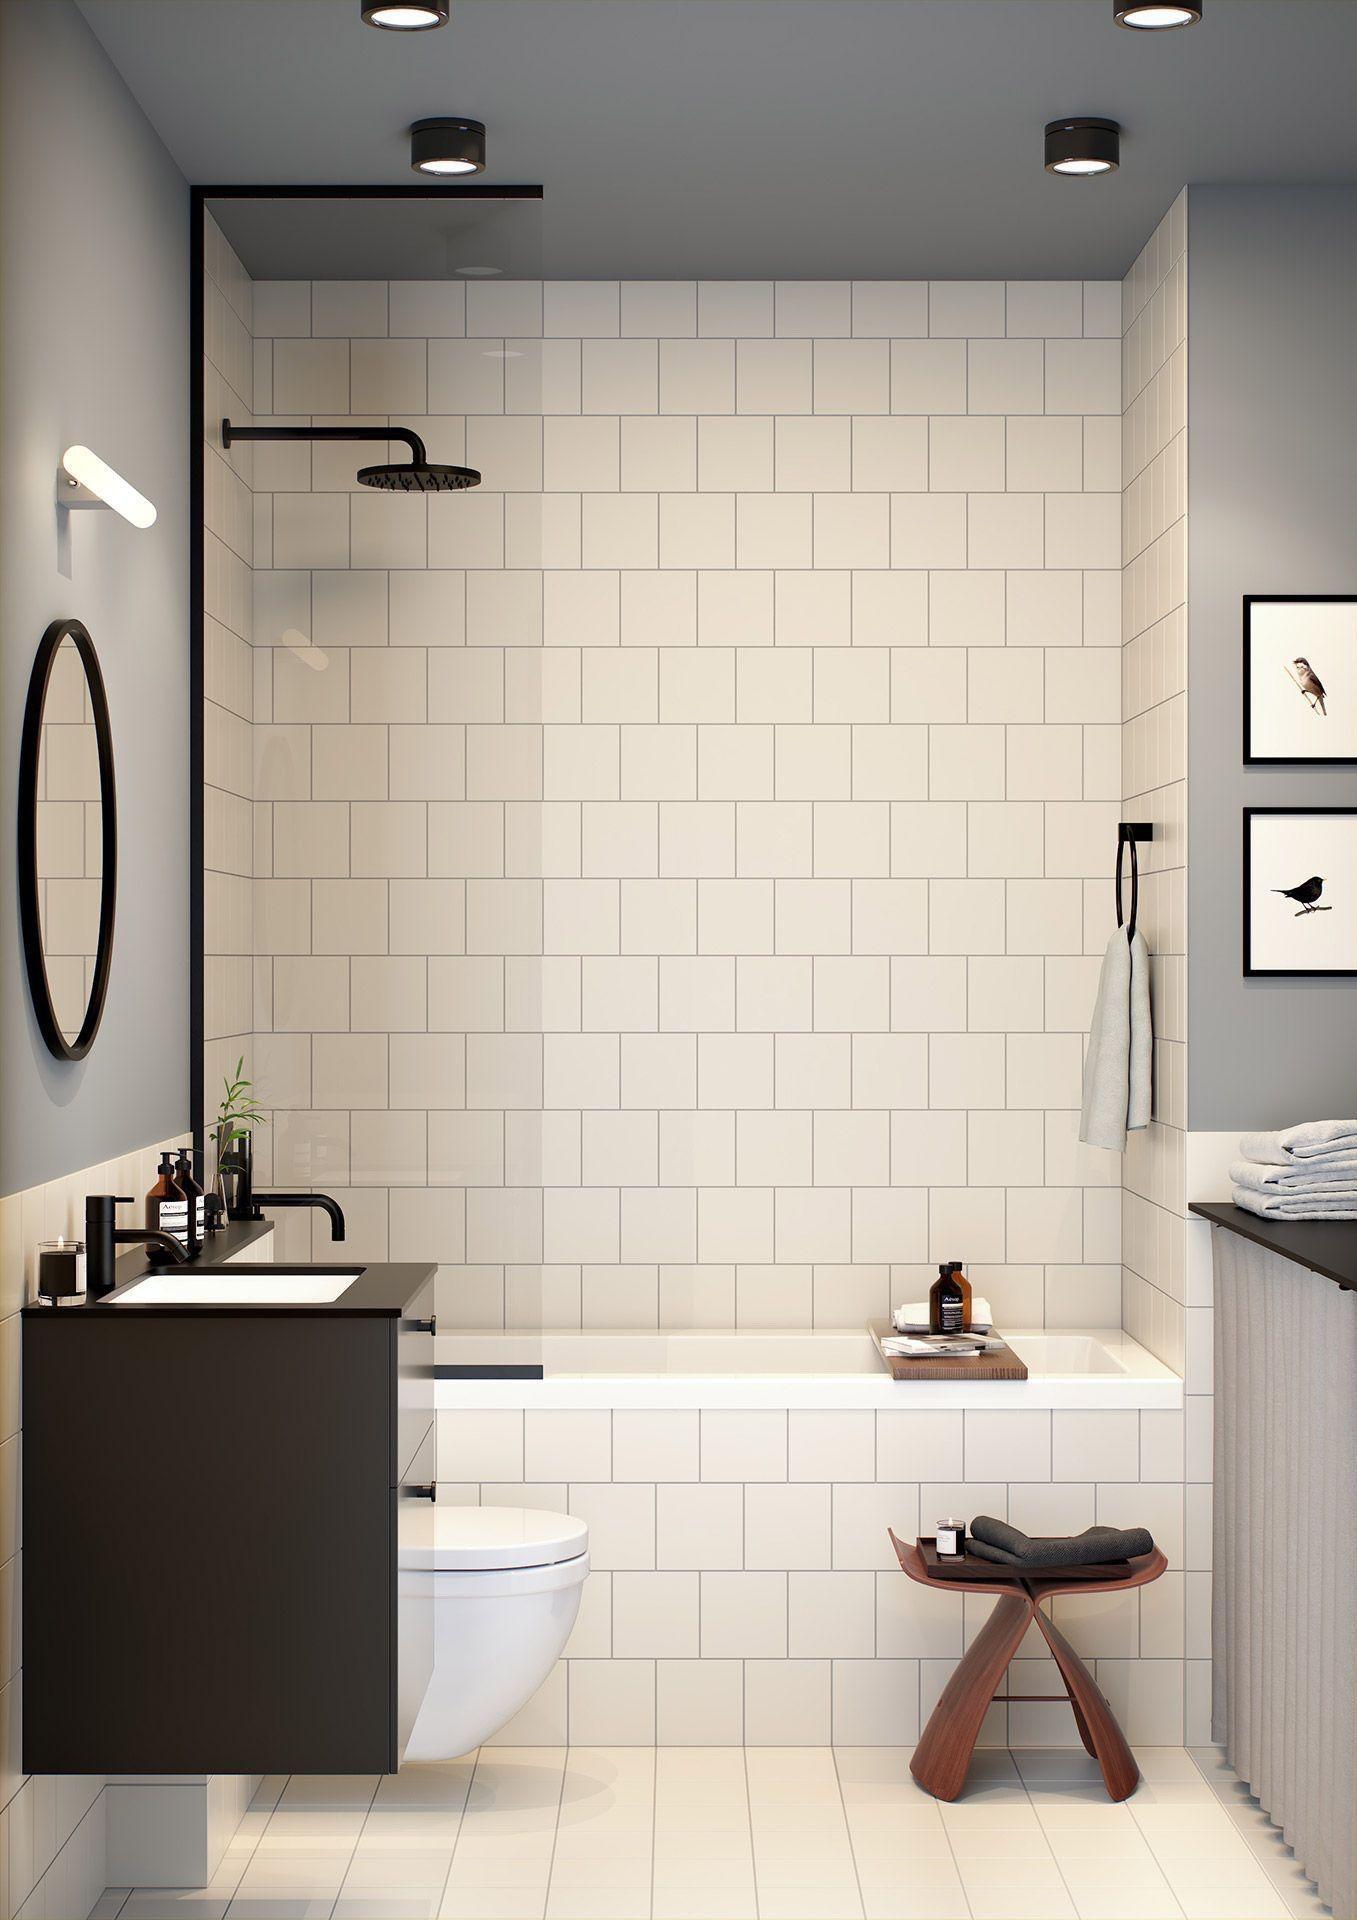 59 Simply Chic Bathroom Tile Ideas For Floor Shower And Wall Design Bathroom Tile Ideas Bathroom Toilet Bathroom Design Small Toilet